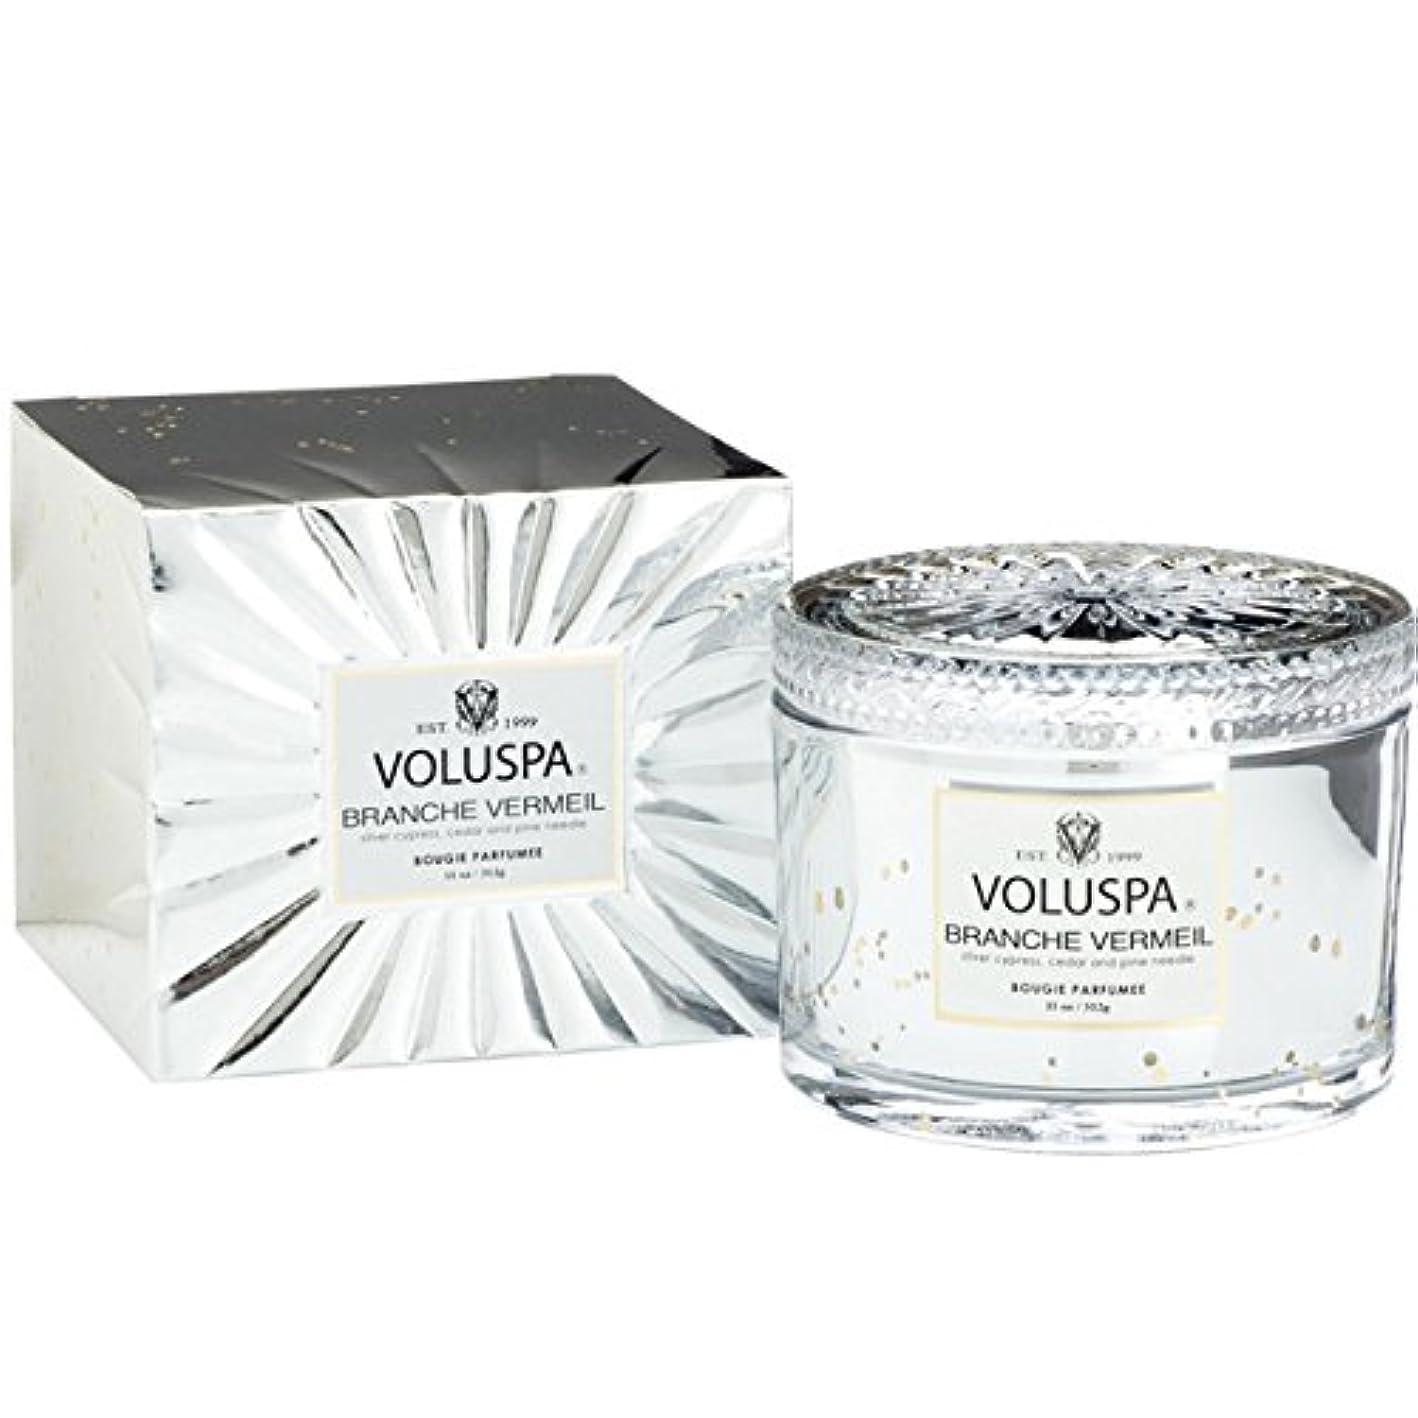 泥風景宝Voluspa ボルスパ ヴァーメイル ボックス入り グラスキャンドル フ?ランチヴァーメイル BRANCHE VERMEIL VERMEIL BOX Glass Candle